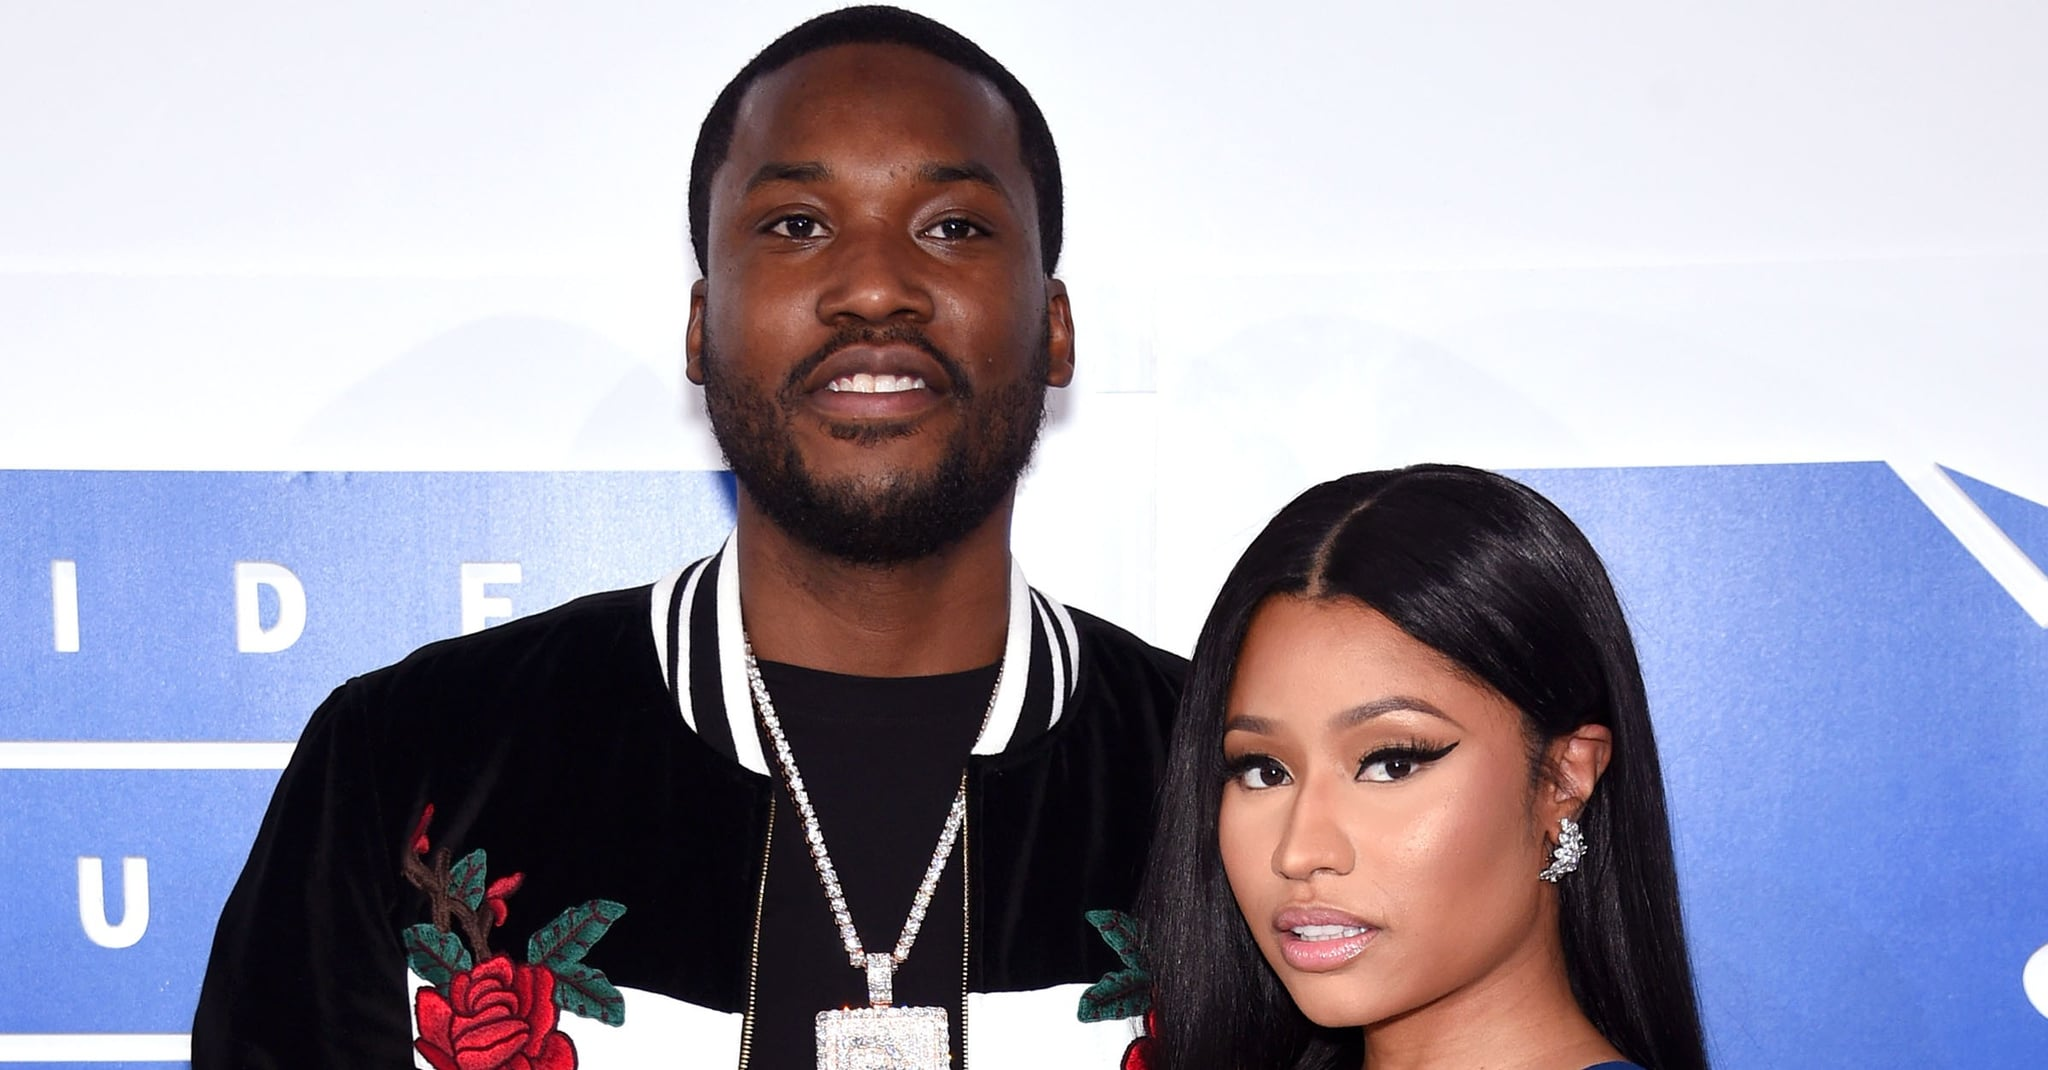 Nicki Minaj confirms break up with Meek Mill